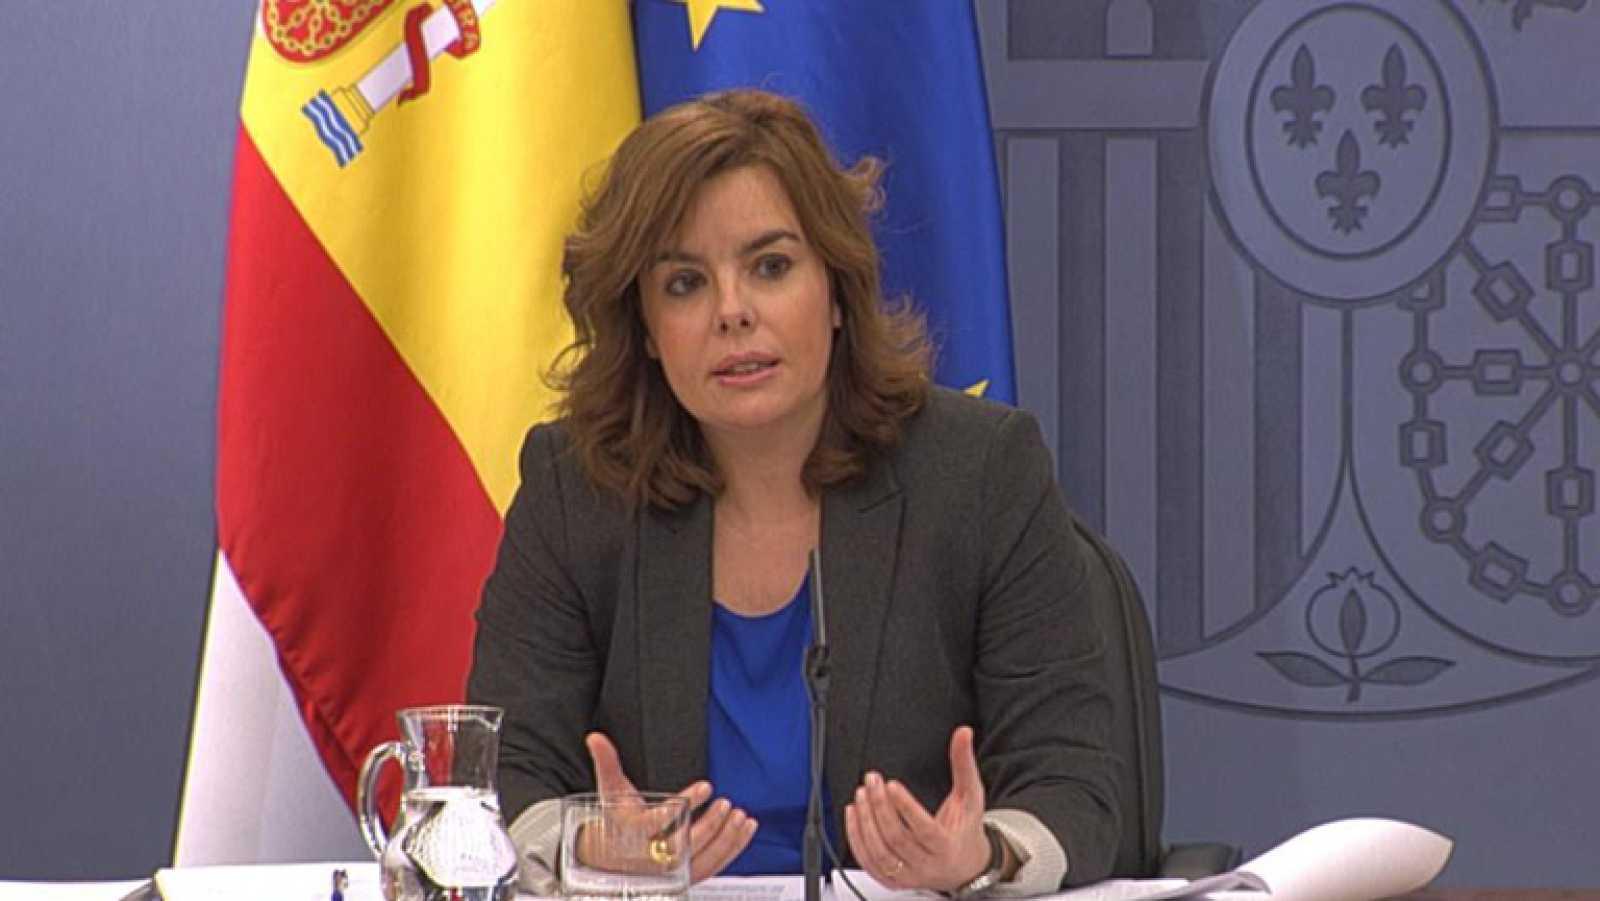 La vicepresidenta del gobierno ha pedido reflexión a los sindicatos